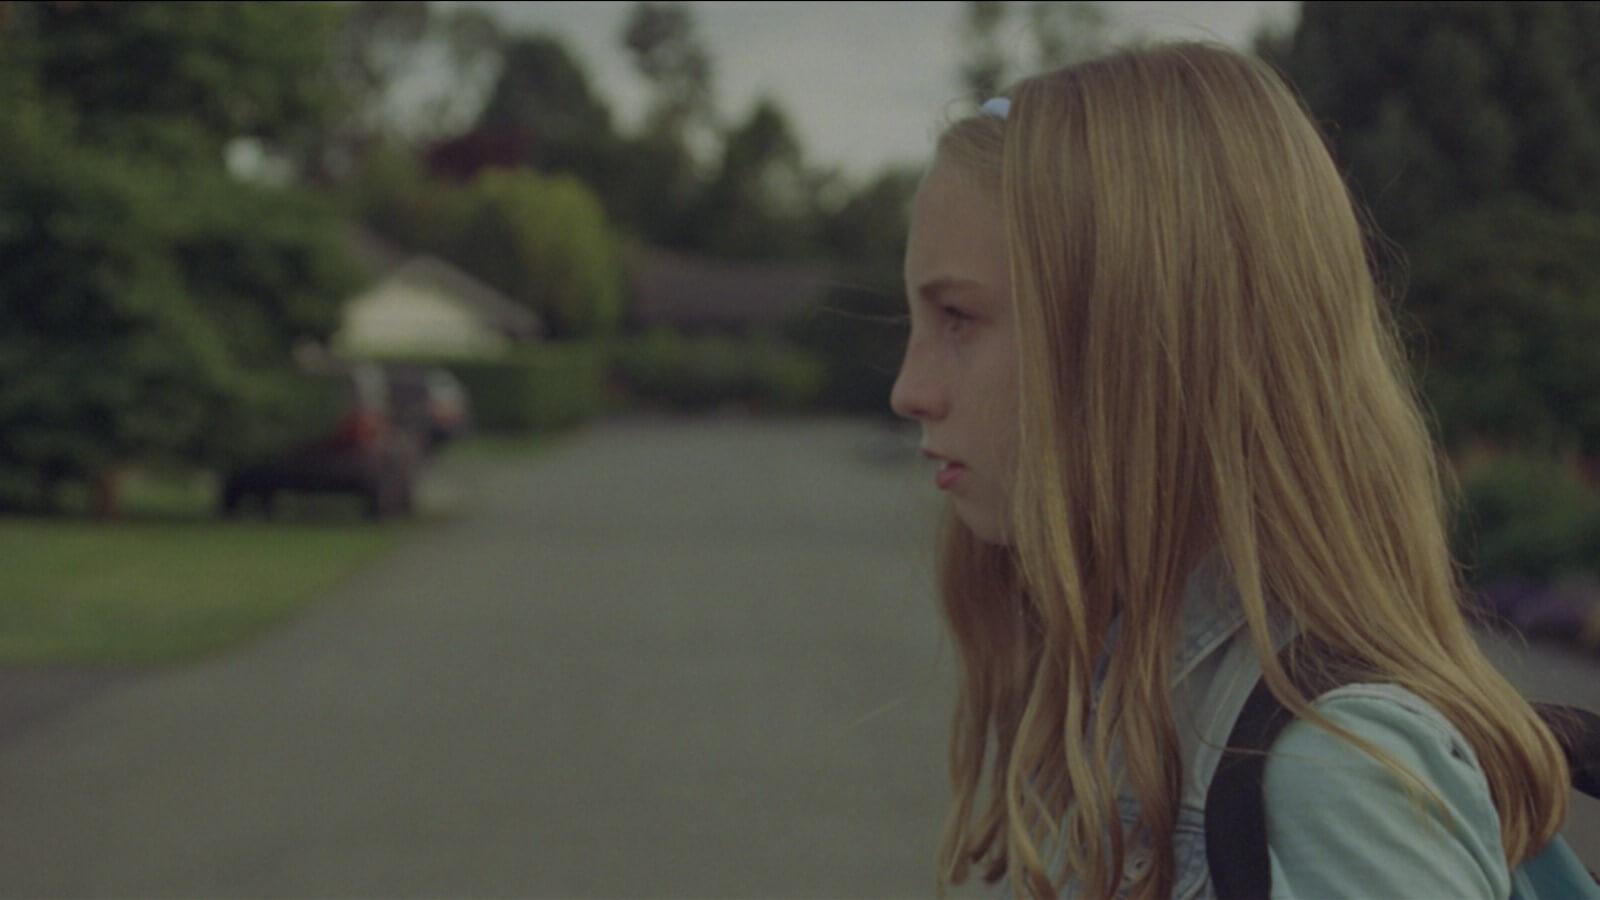 Broken Bunny - Short Film - Palm Springs Shortfest 2018